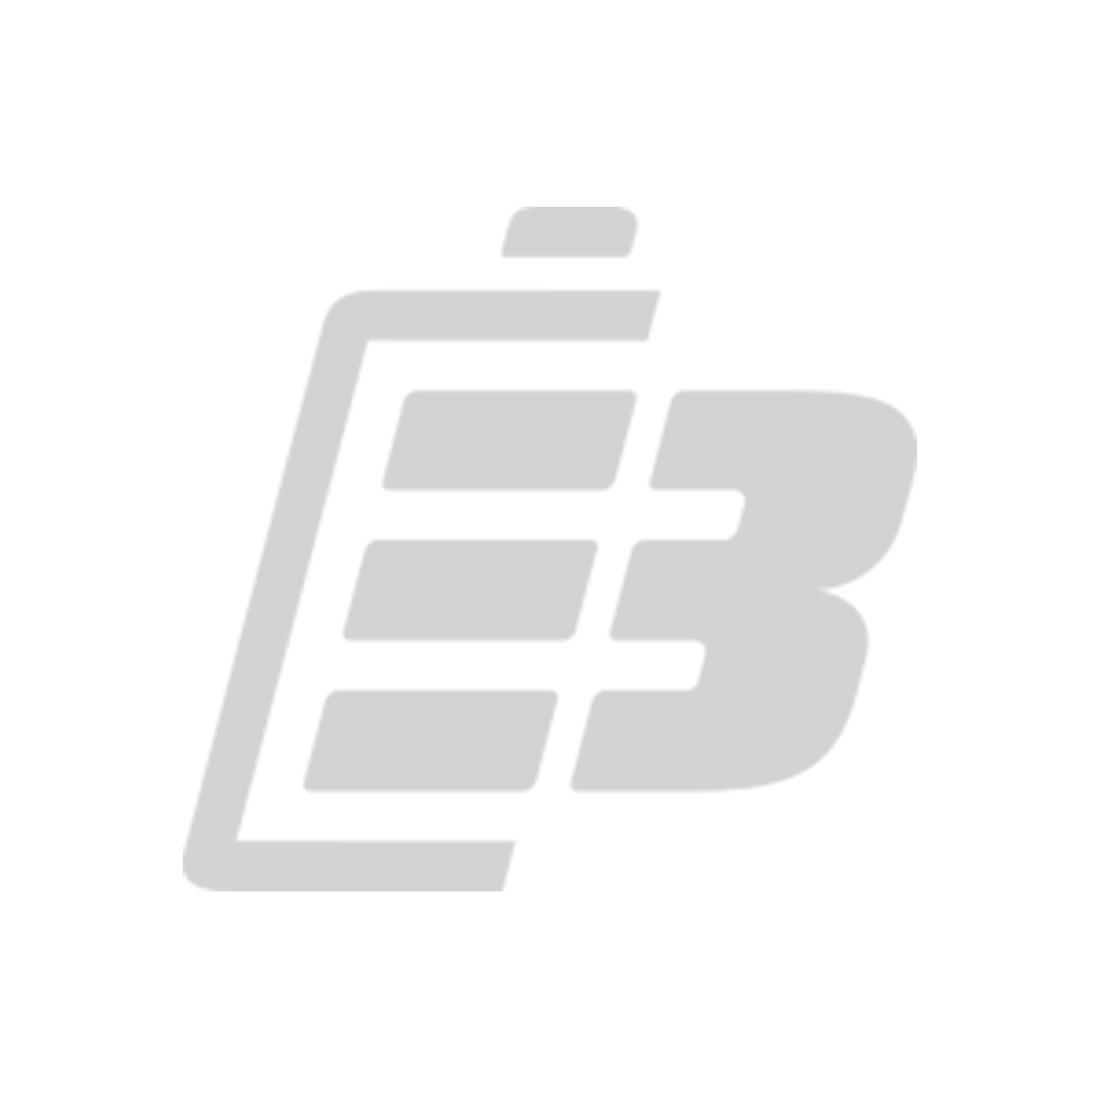 Drone battery DJI Phantom 1_1